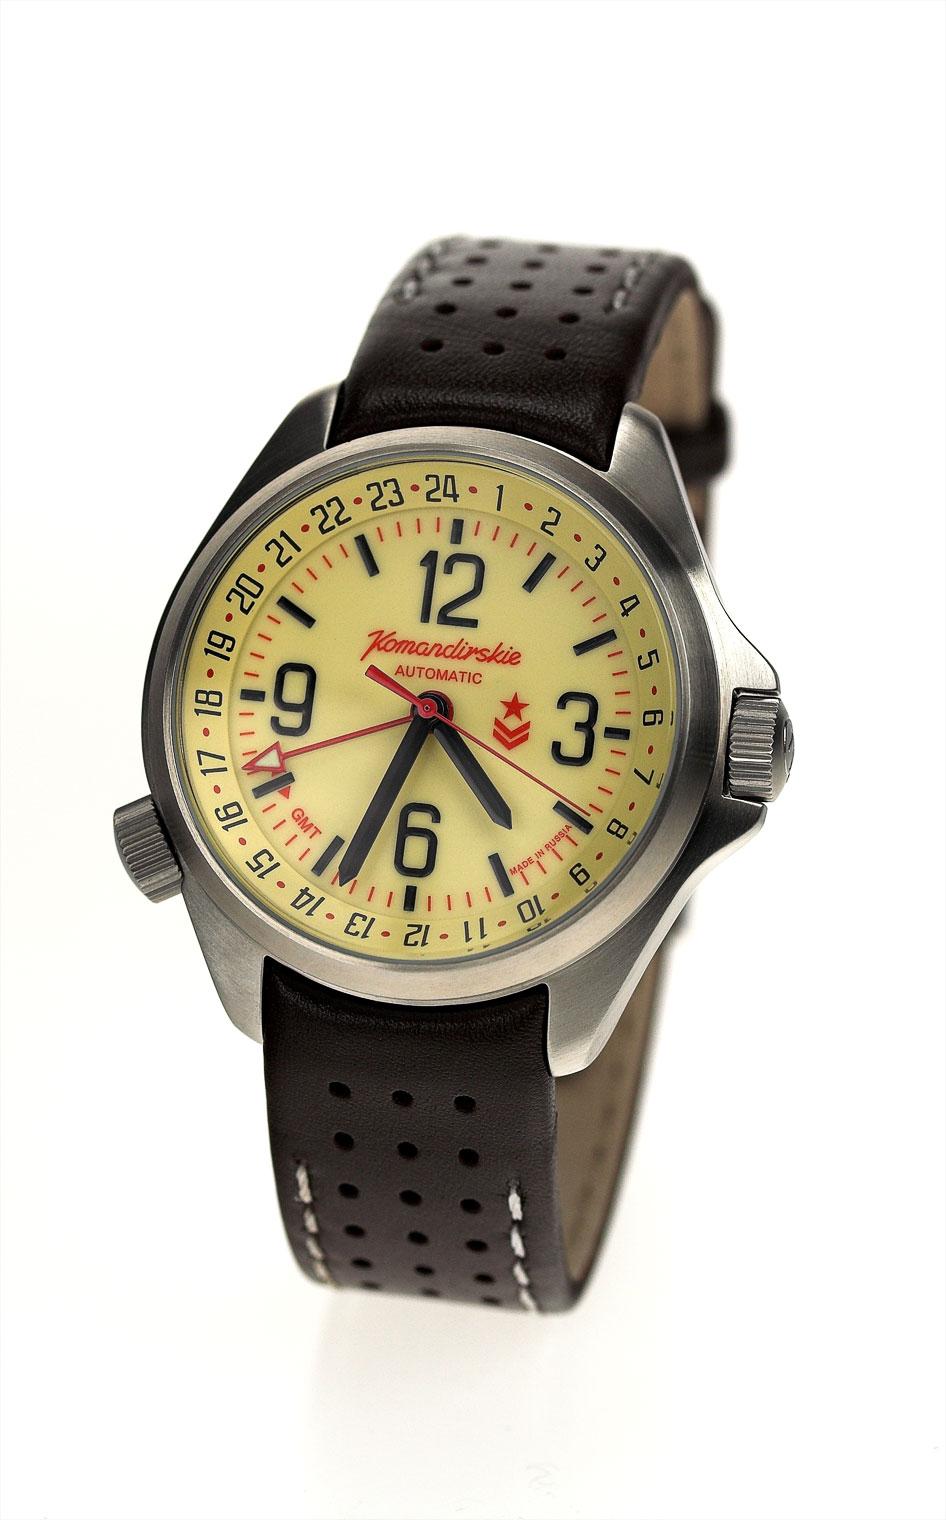 Командирские часы к-34 | Часы командирские